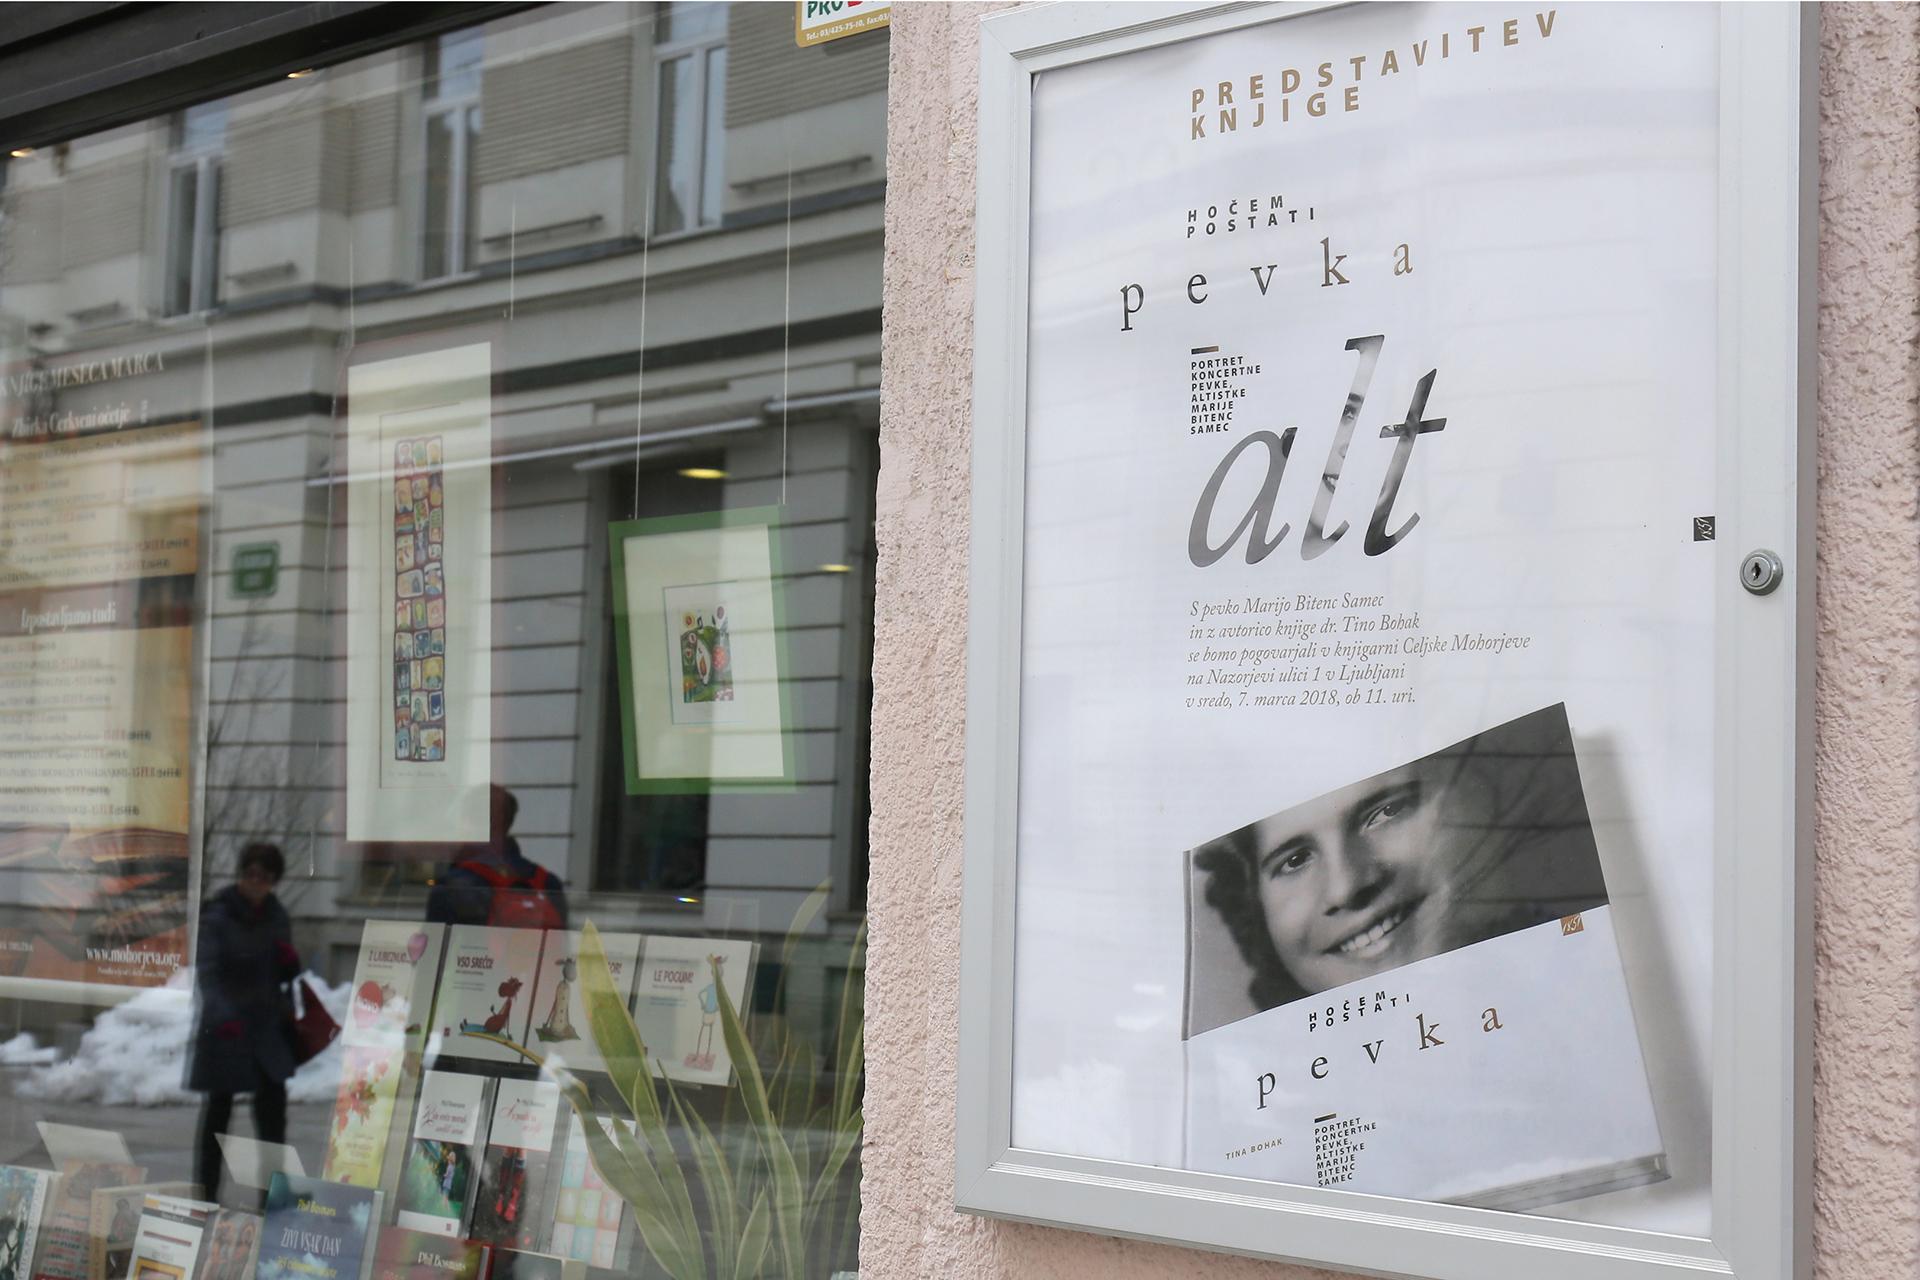 knjiga_pevka_marija_bitenc_marinsek_ma-ma_1_poster